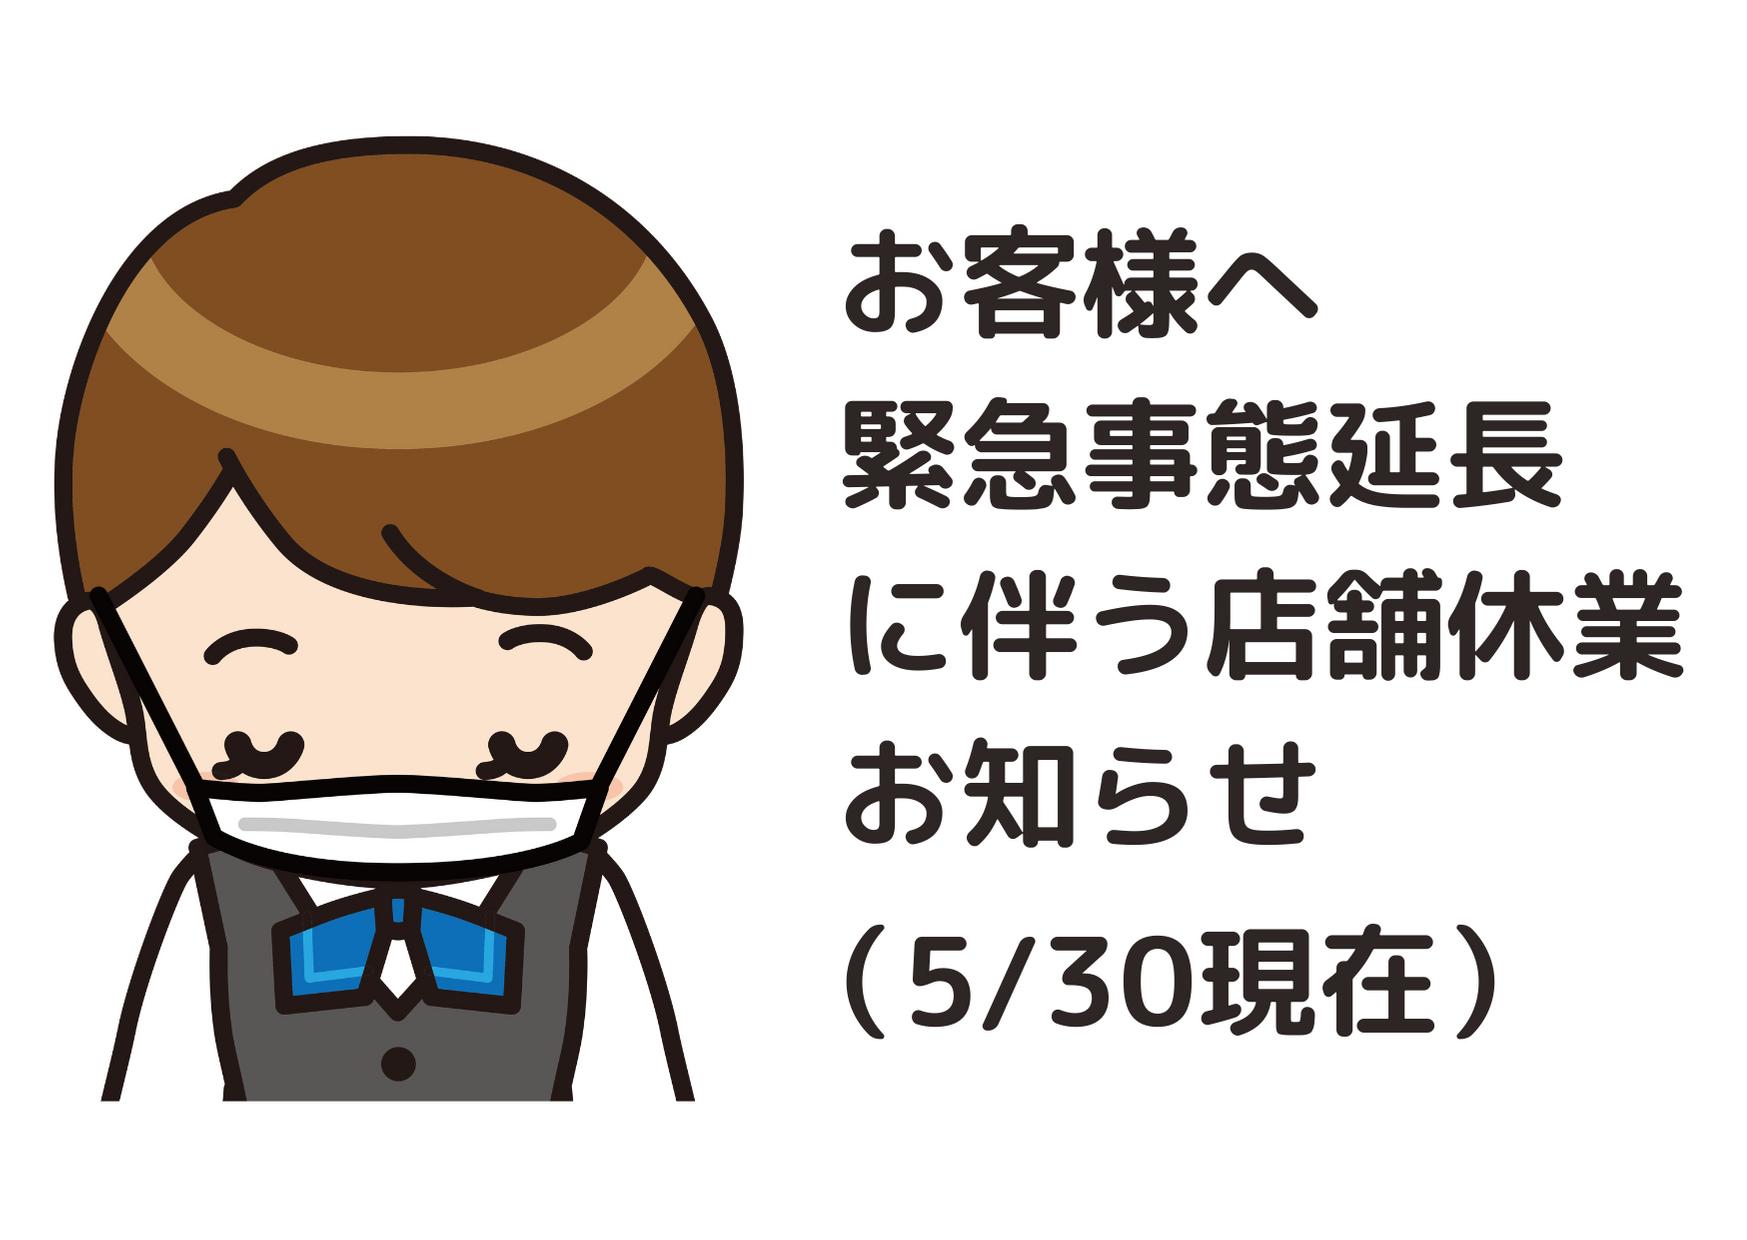 緊急事態宣言延長に伴う休業延長のお知らせ(5/30現在)